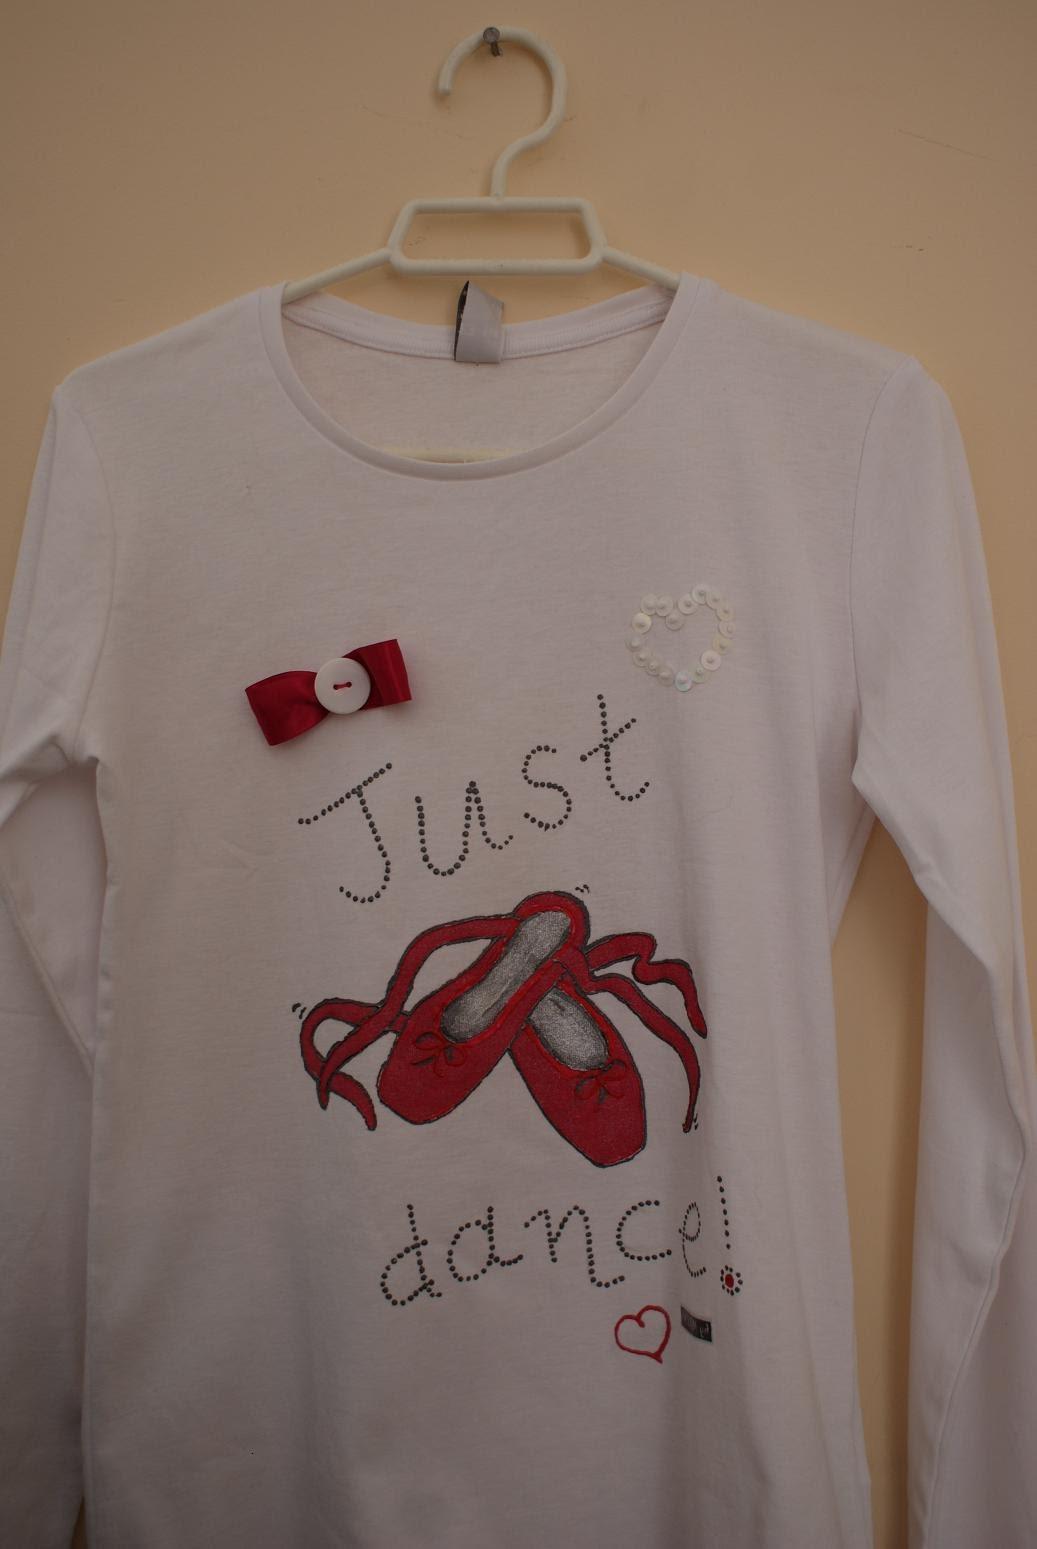 abb99cc1ebda Ένα μπλουζάκι για την Βουλίτσα